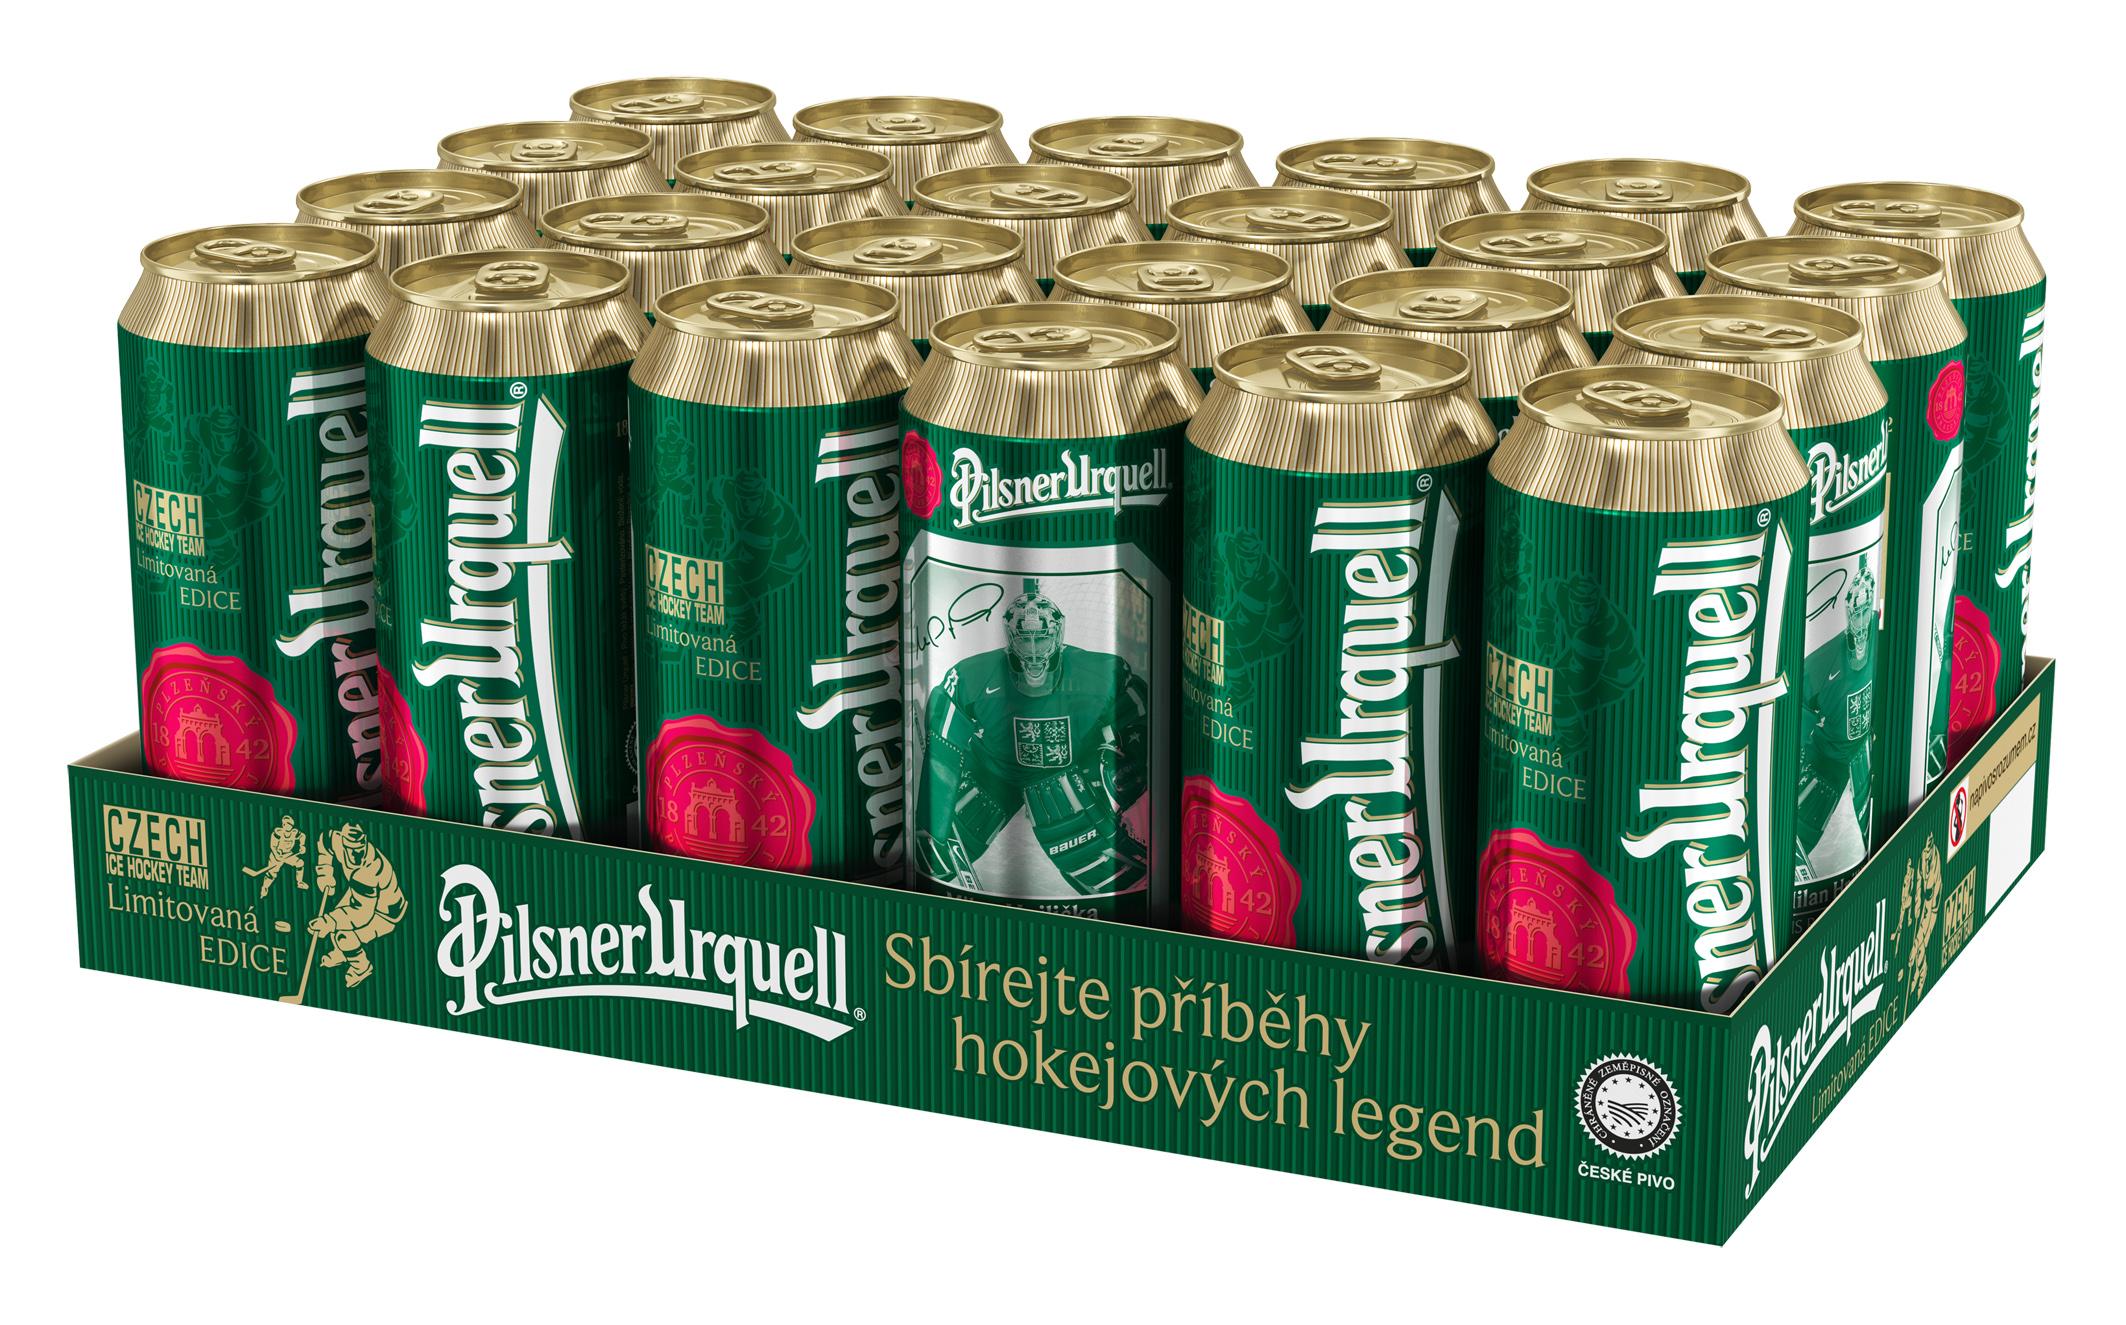 Pilsner Urquell uvedl na trh plechovky s hokejovými motivy